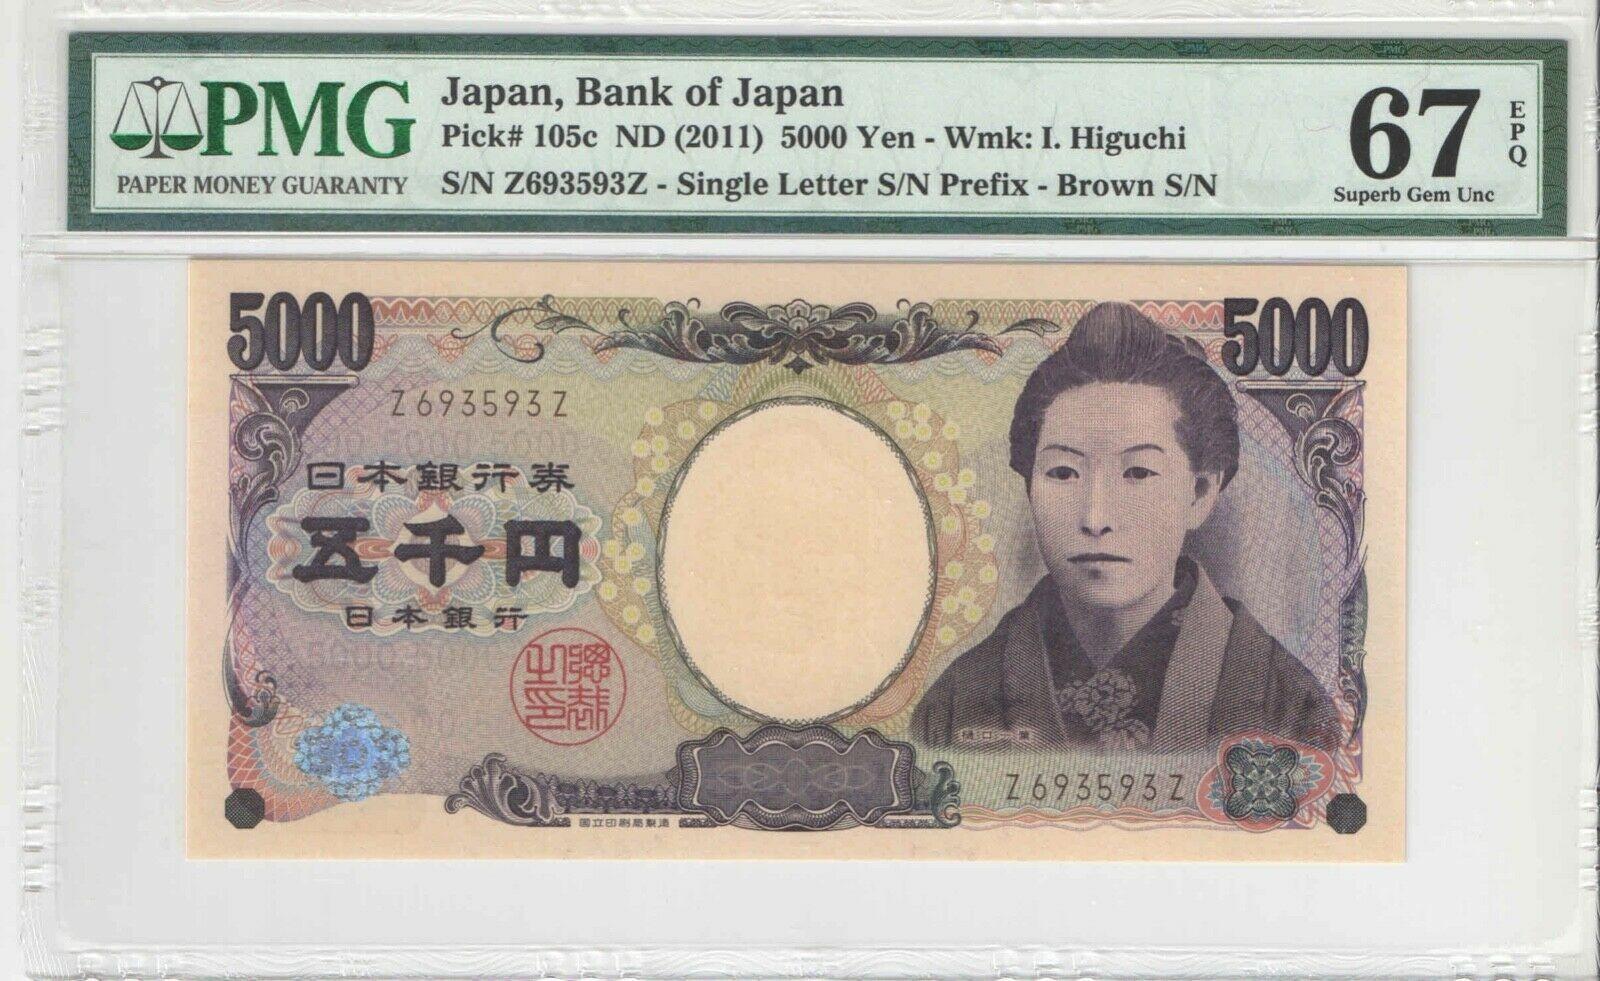 Japan 5000 Yen ND 2011 P 105c Bank of Japan REPLACEMENT PMG 67EPQ.jpg